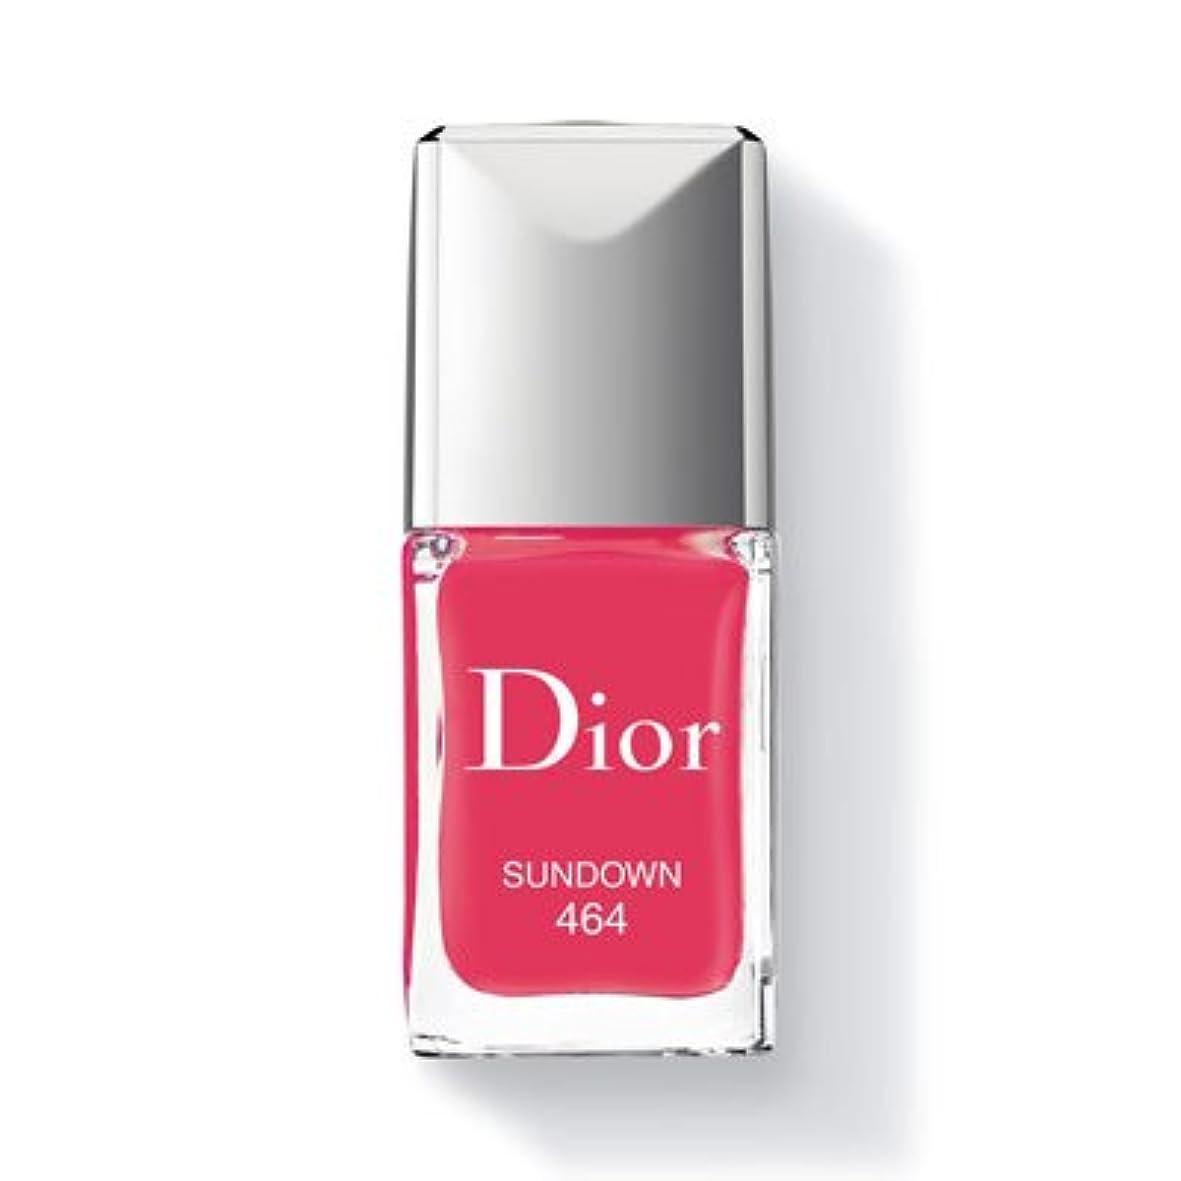 キロメートル靴下側Christian Dior クリスチャン ディオール ディオール ヴェルニ #464 SUNDOWN 10ml [並行輸入品]